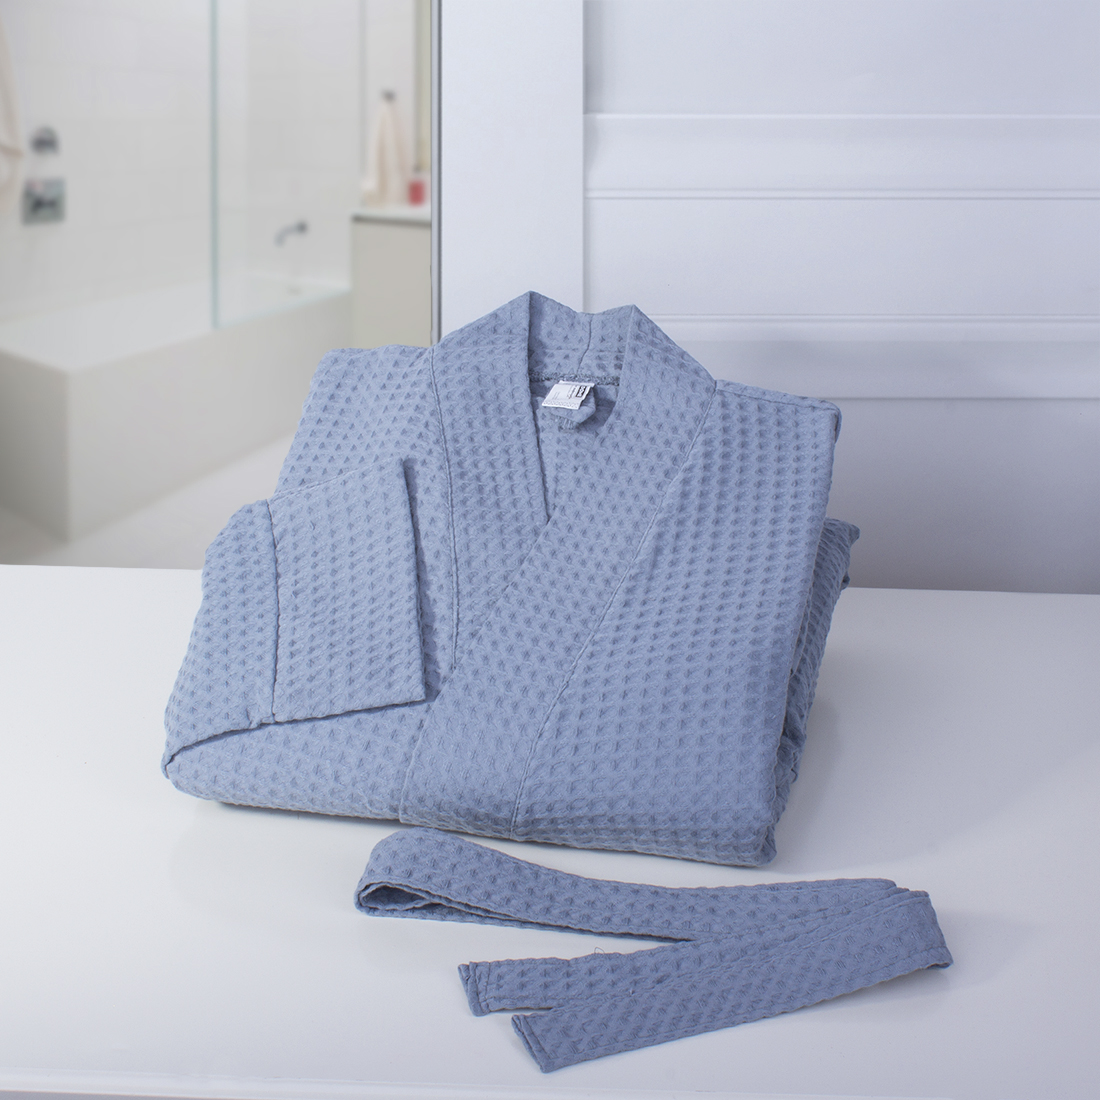 Пике довольно неприхотливая добротная ткань. В ее составе только экологически чистые материалы. Пике замечательно впитывает жидкости и является достойным аналогом изделий из махры для ванной комнаты и кухни. Отличительная особенность Пике Dome - это особое переплетение волокон, в результате которого получается 3D узор. Такой вид плетения придает ткани особую мягкость и легкость. Готовые изделия не занимают много места, легко стираются и очень быстро сохнут. Изделия из Пике от бренда Dome - это качественные современные вещи по доступным ценам.